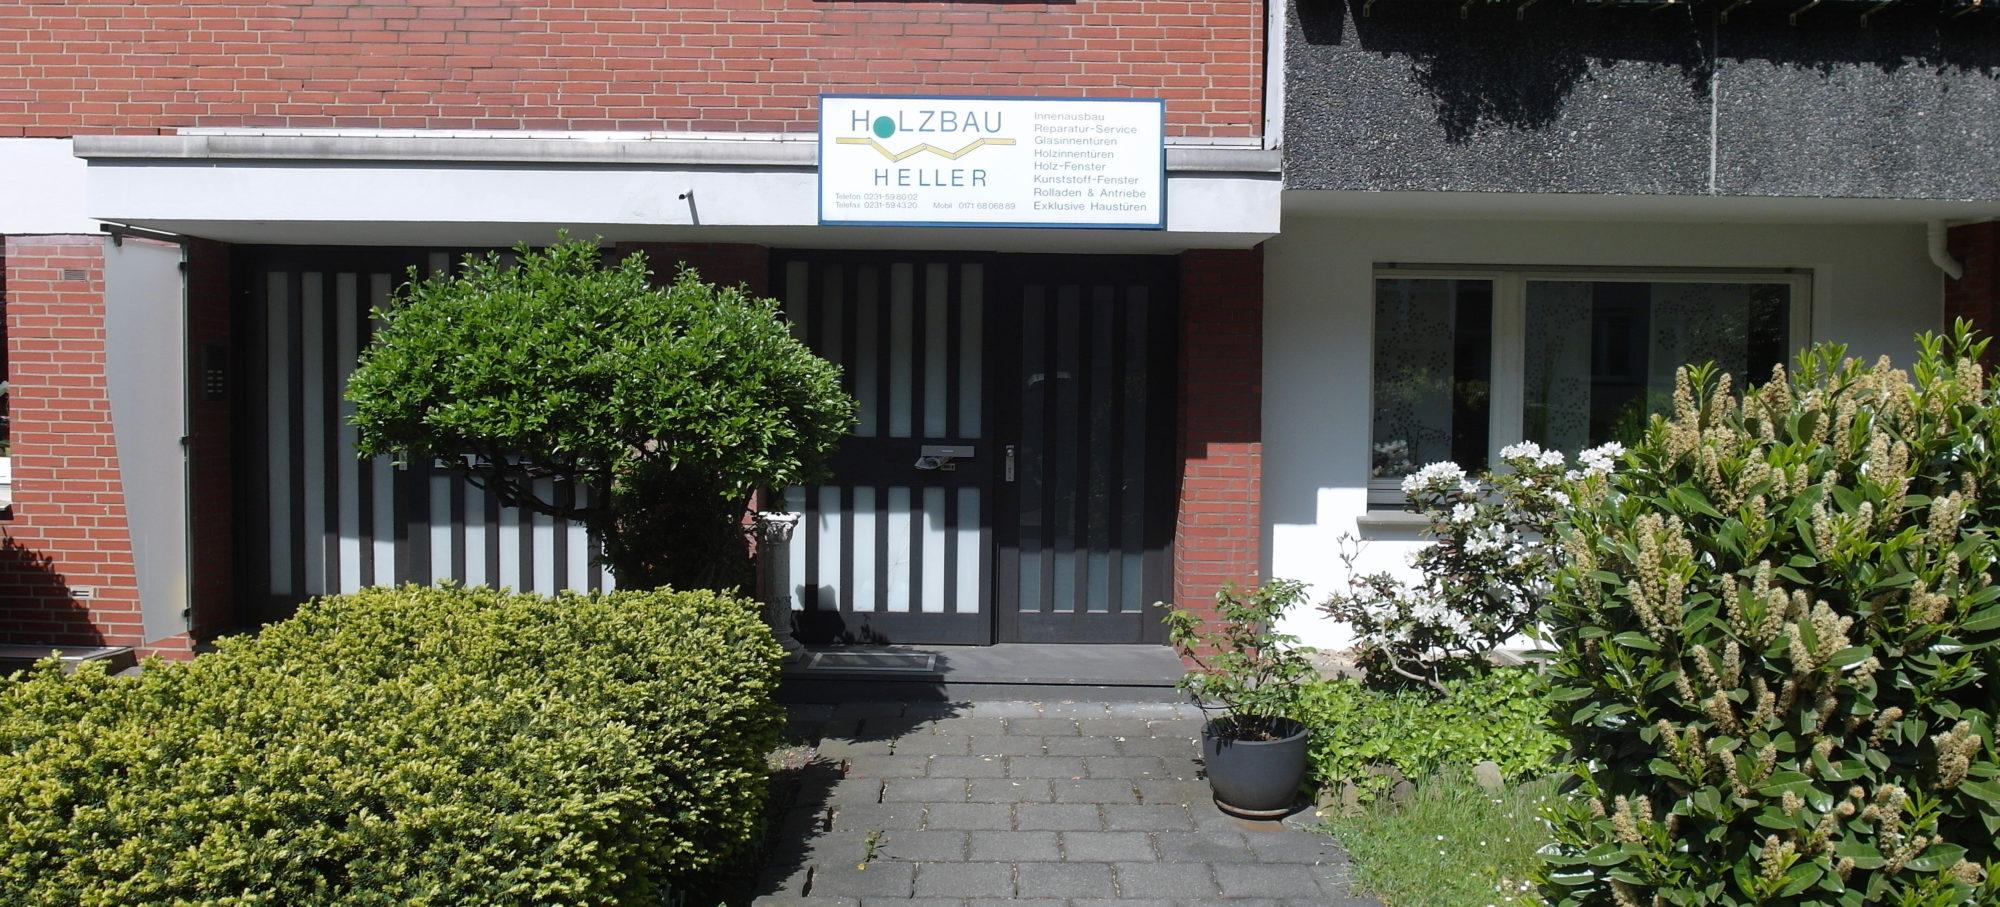 Schreinerei Heller